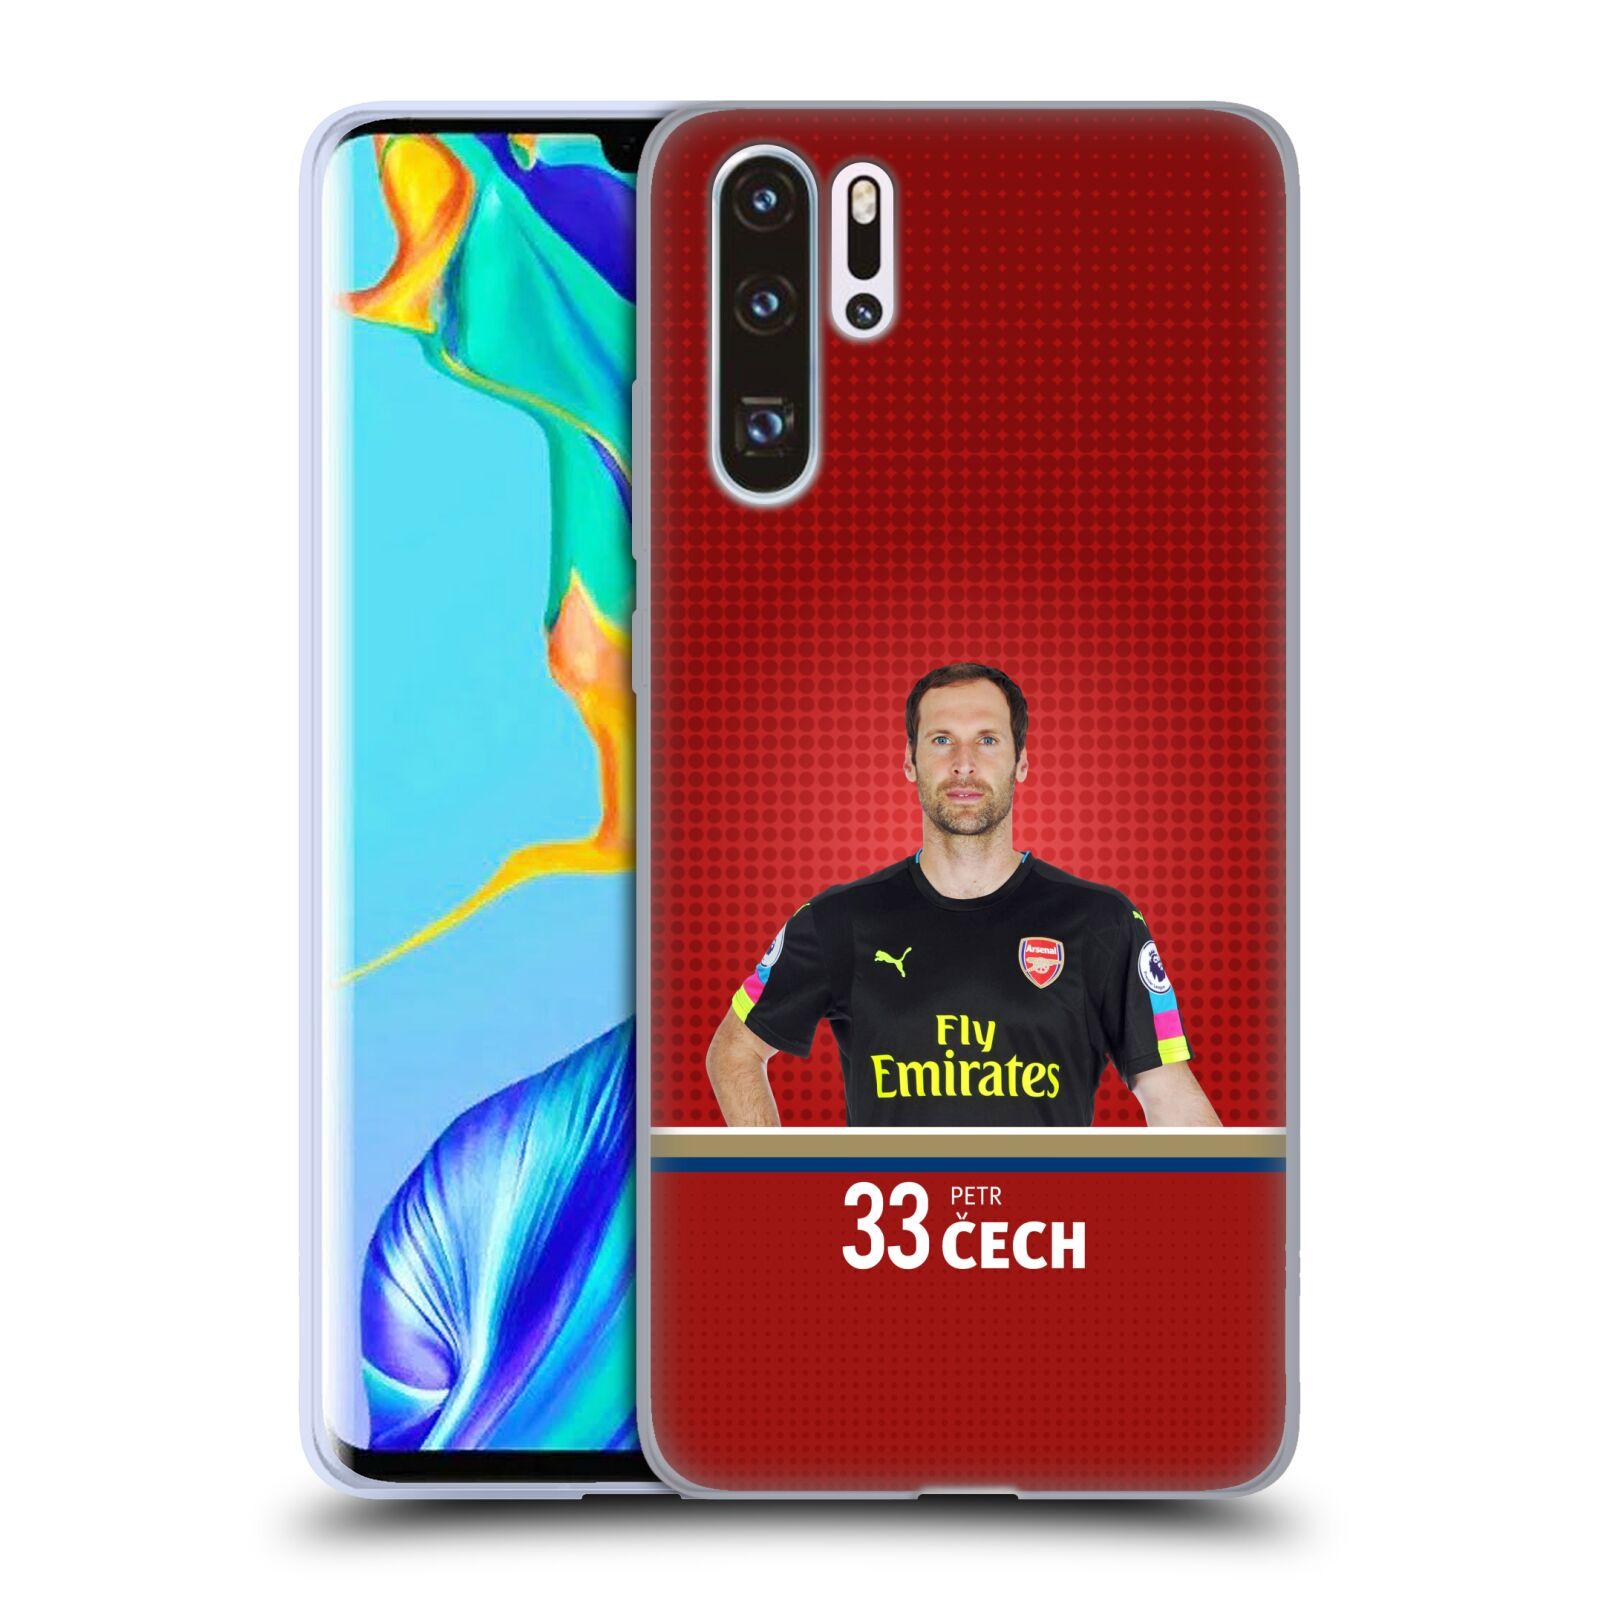 Silikonové pouzdro na mobil Huawei P30 Pro - Head Case - Arsenal FC - Petr Čech